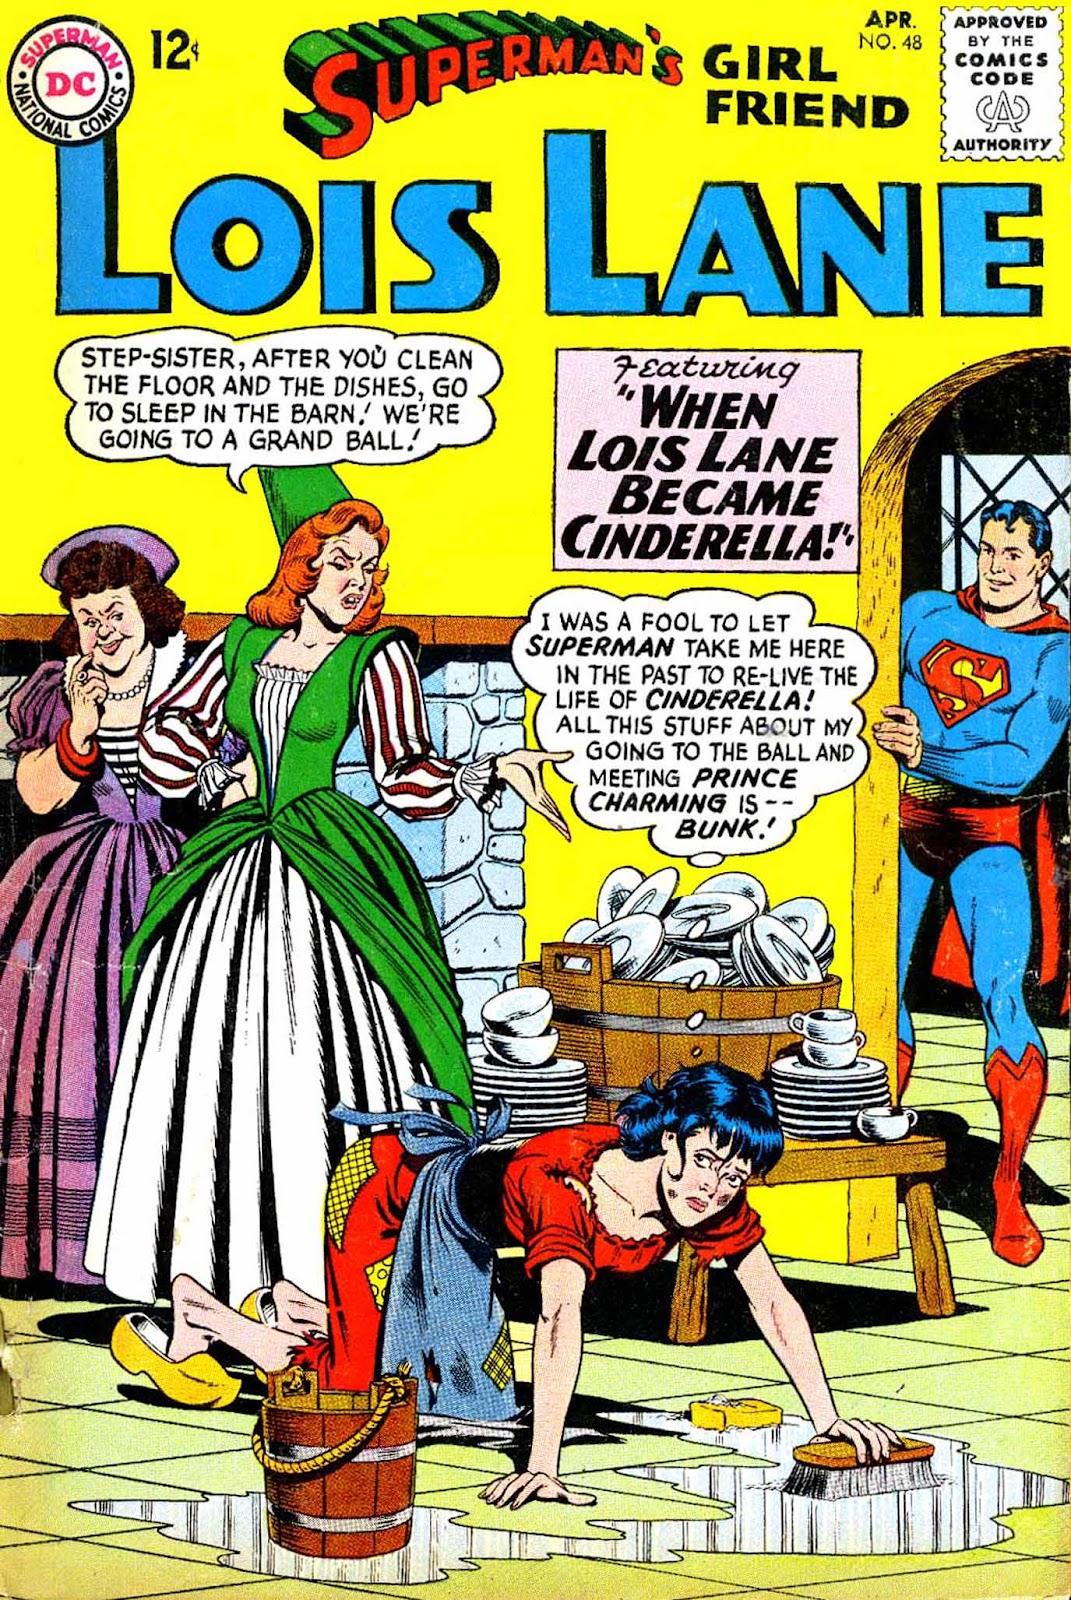 Supermans Girl Friend, Lois Lane 48 Page 1